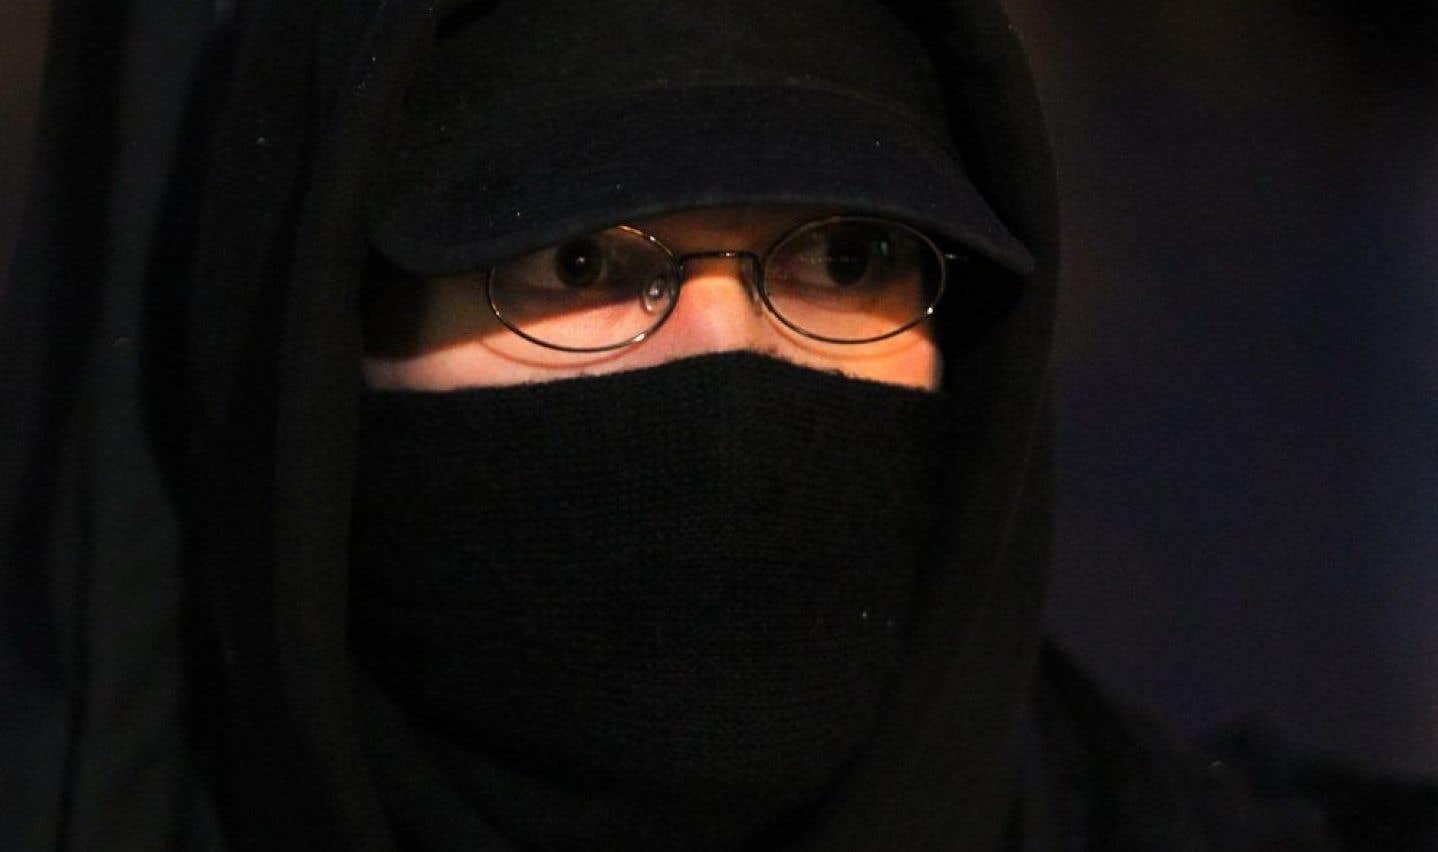 Le port du niqab permis dans certaines situations devant les tribunaux